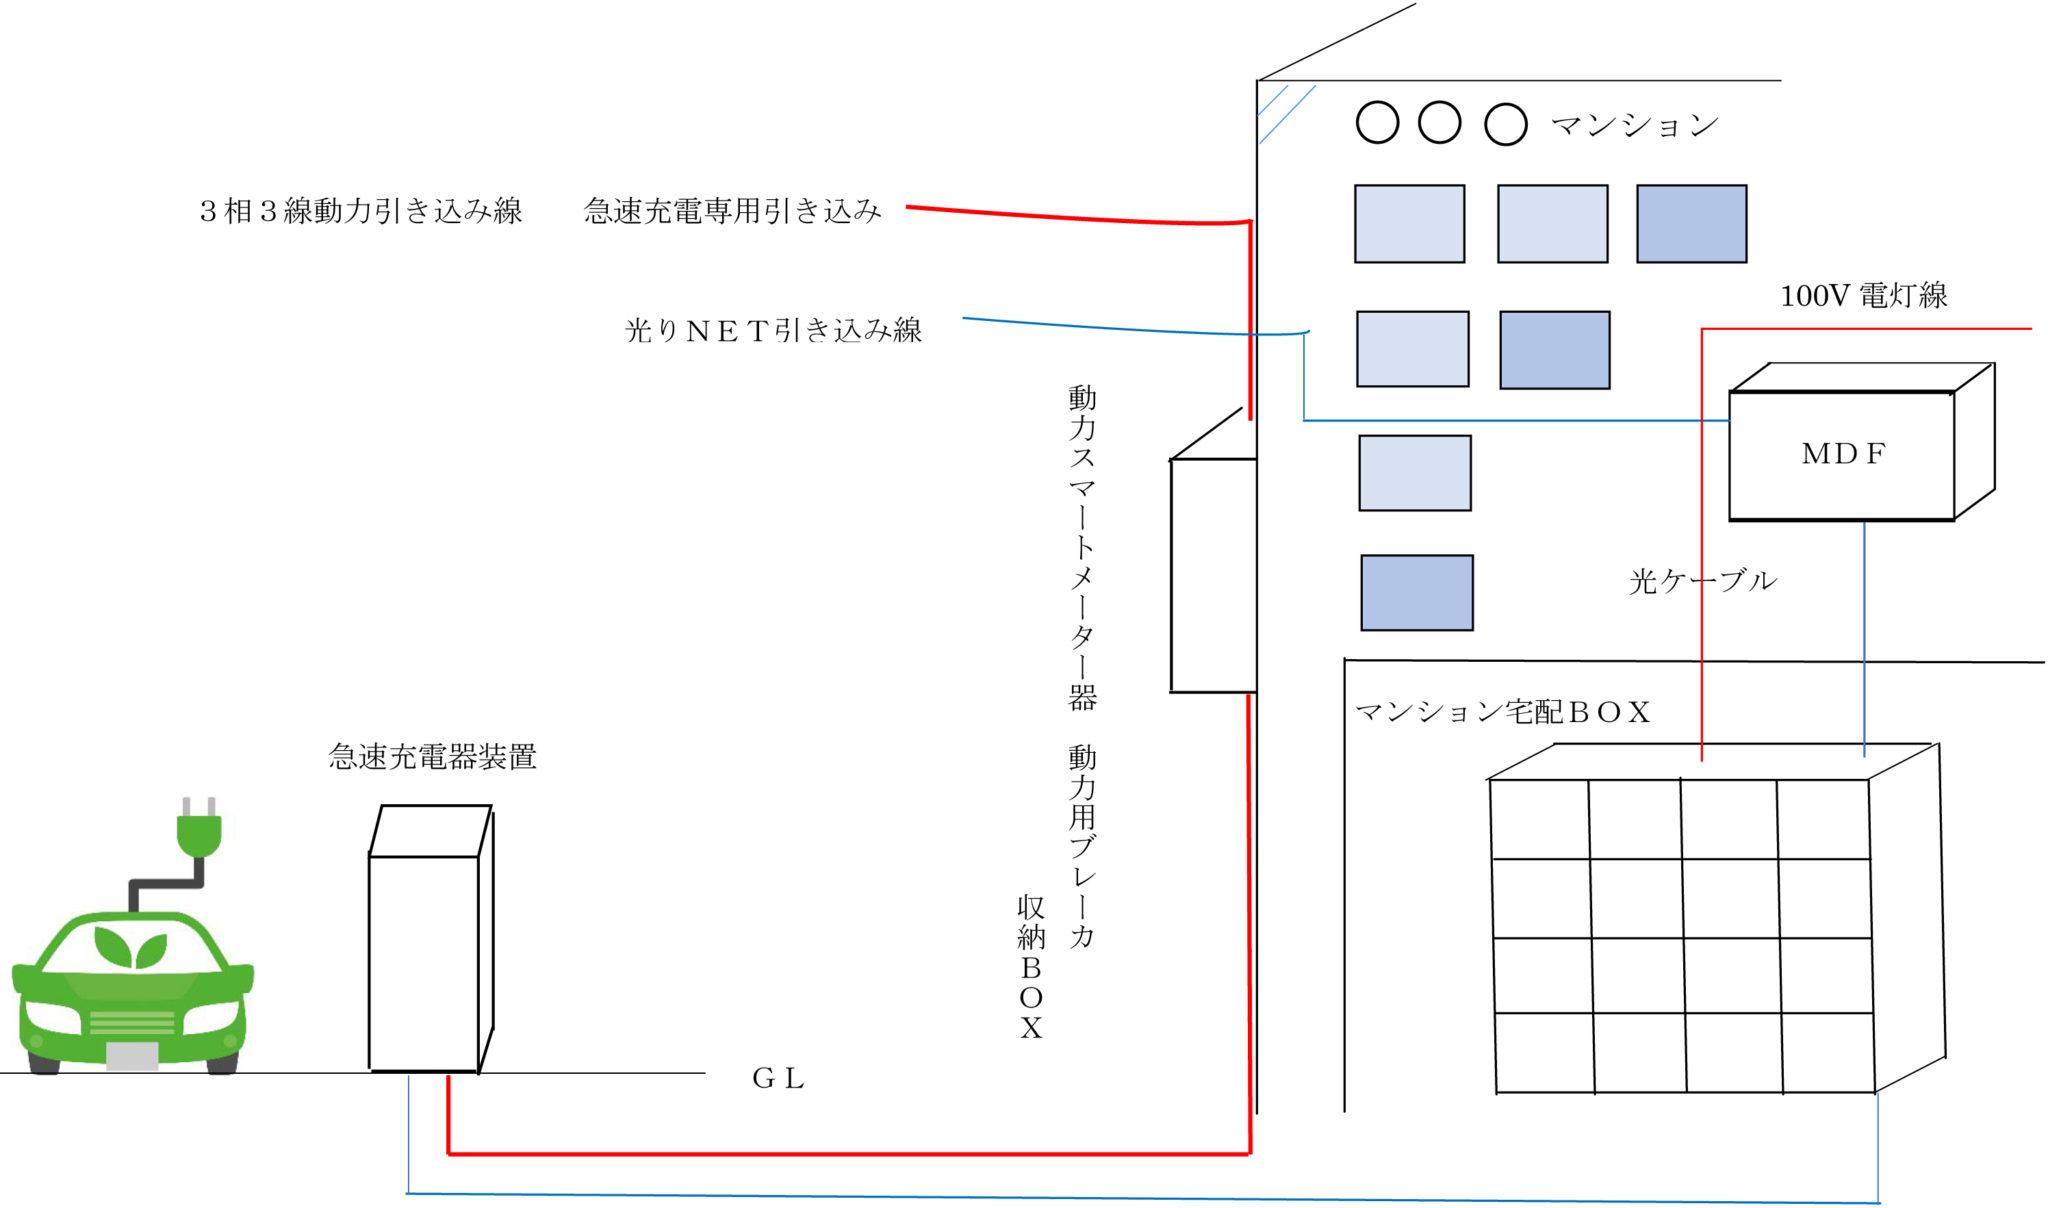 ンションの急速充電設備図 宅配BOXシステム利用